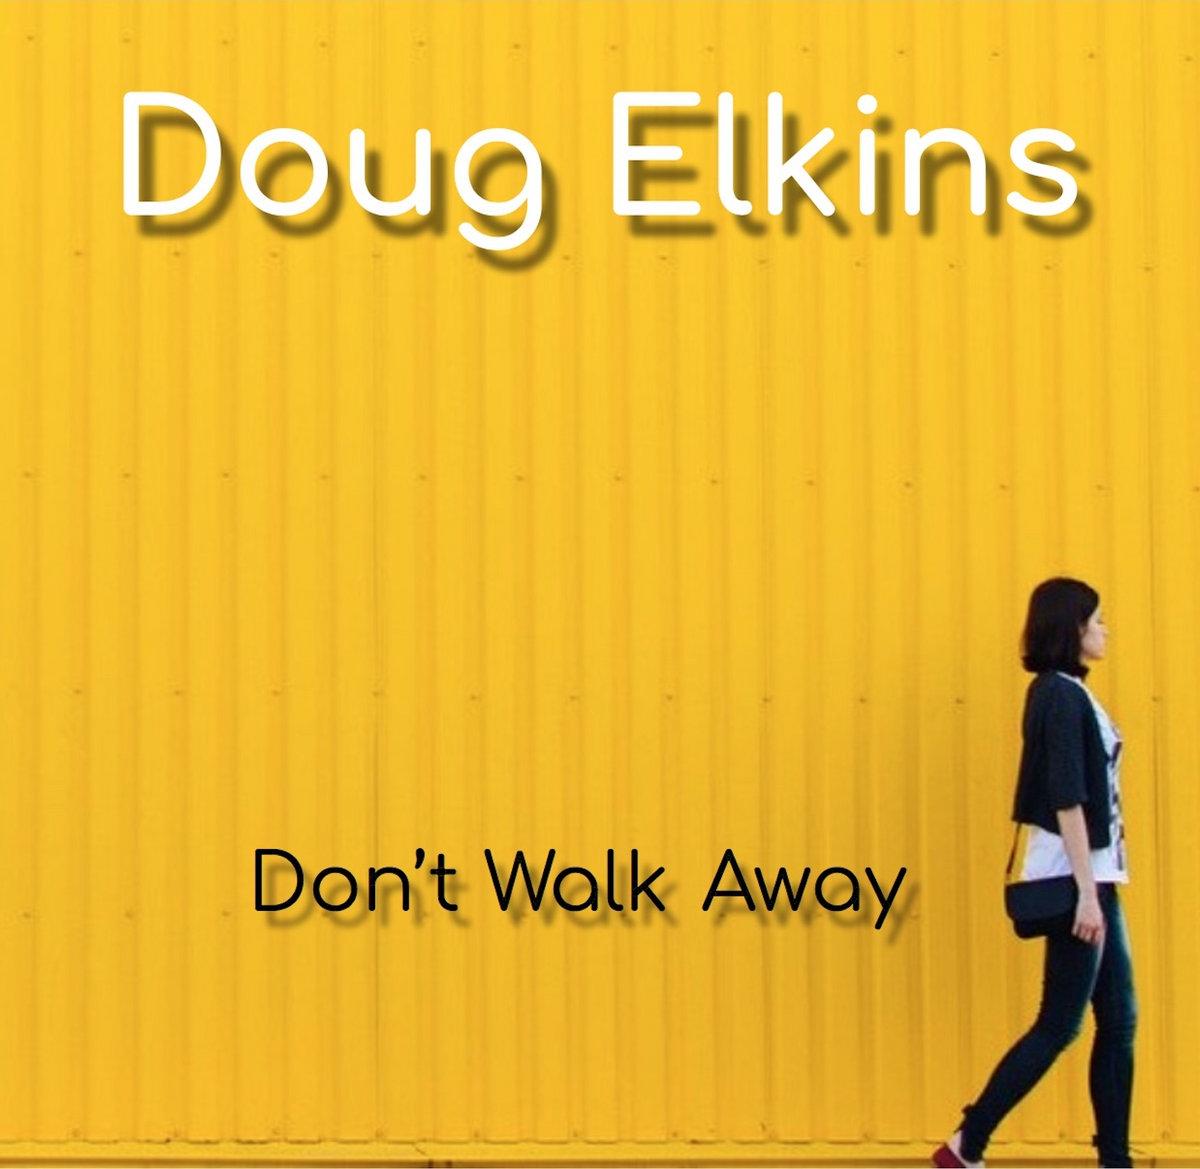 Don't Walk Away by Doug Elkins